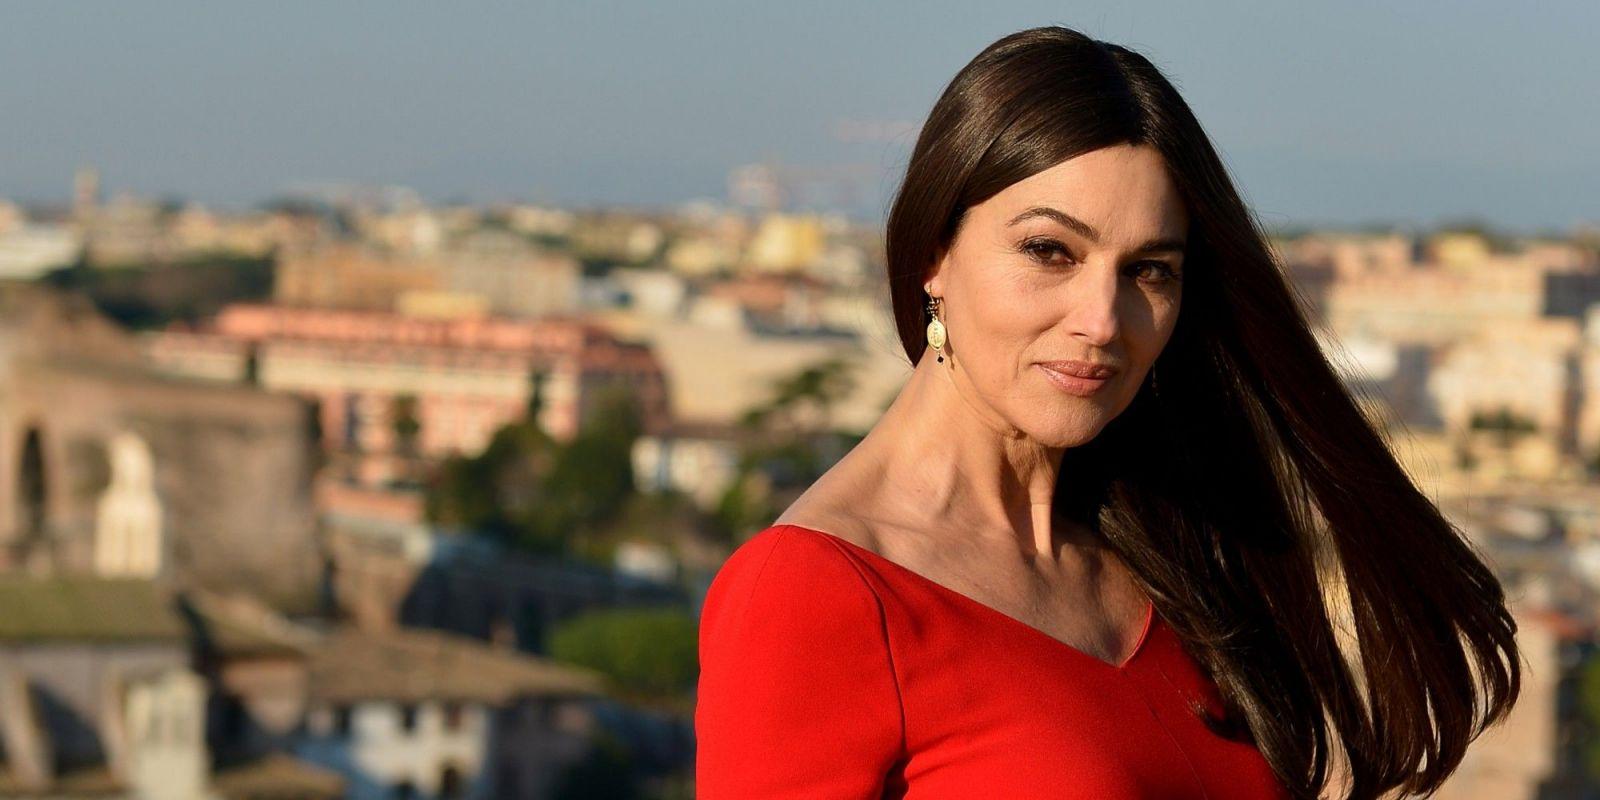 Моника Белуччи снялась обнаженной в новой фотосессии для глянца (ФОТО)